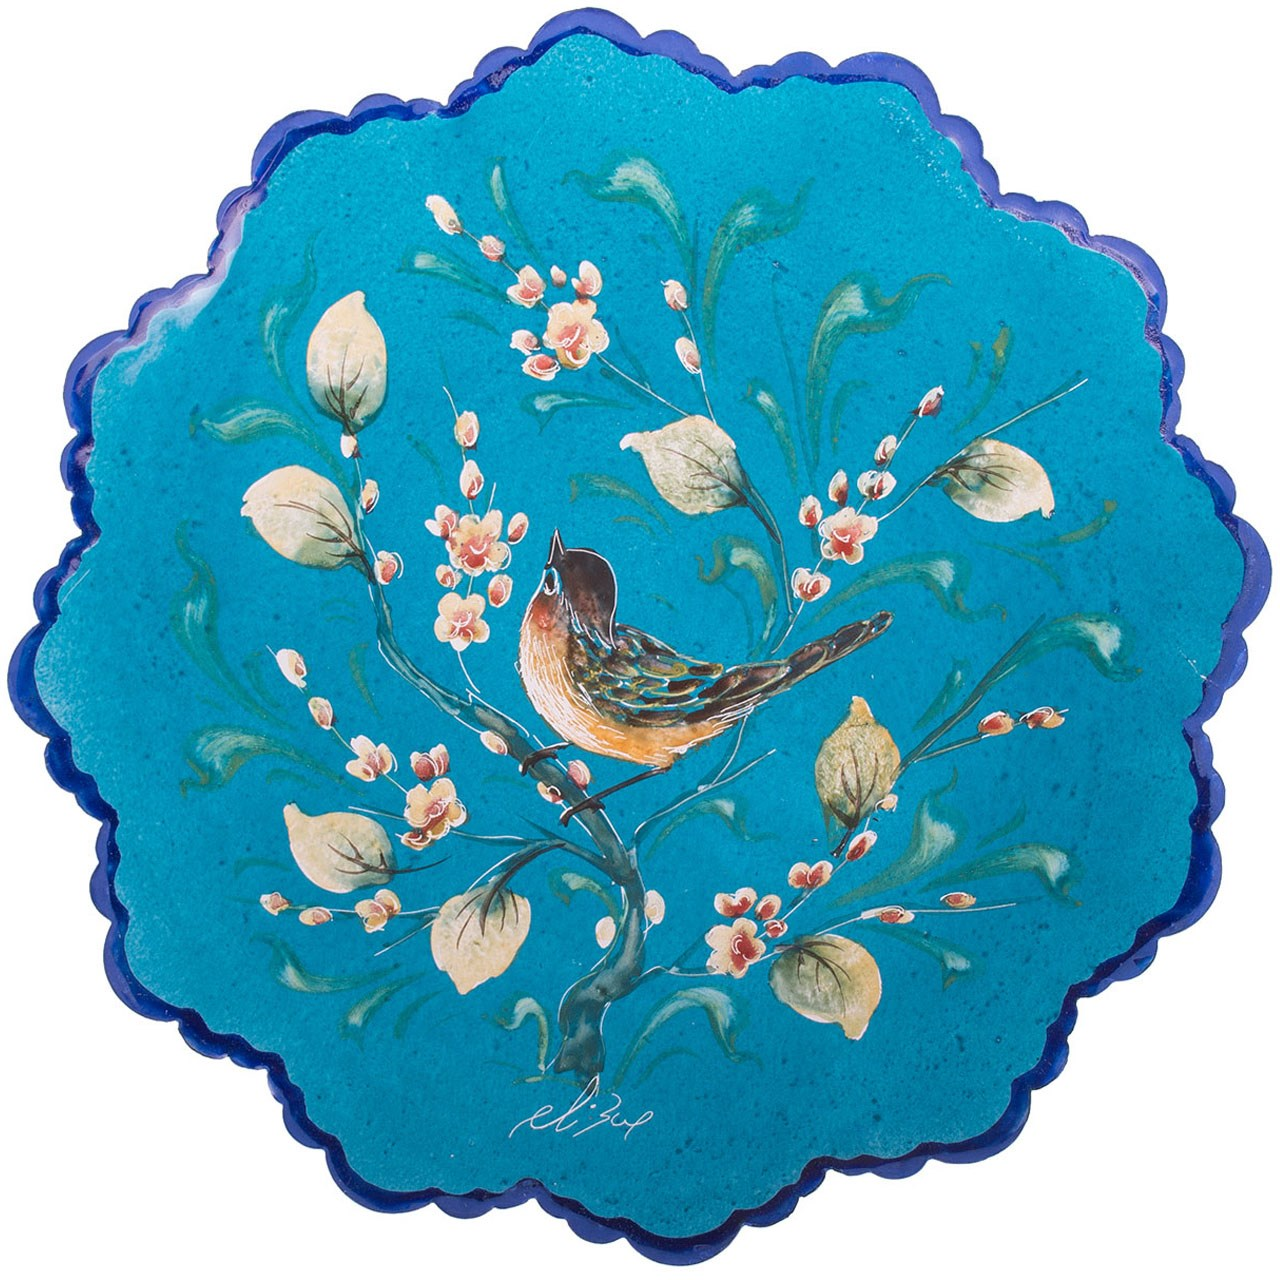 بشقاب مسی میناکاری شده اثر صالحی زاده طرح 3 قطر 20 سانتی متر